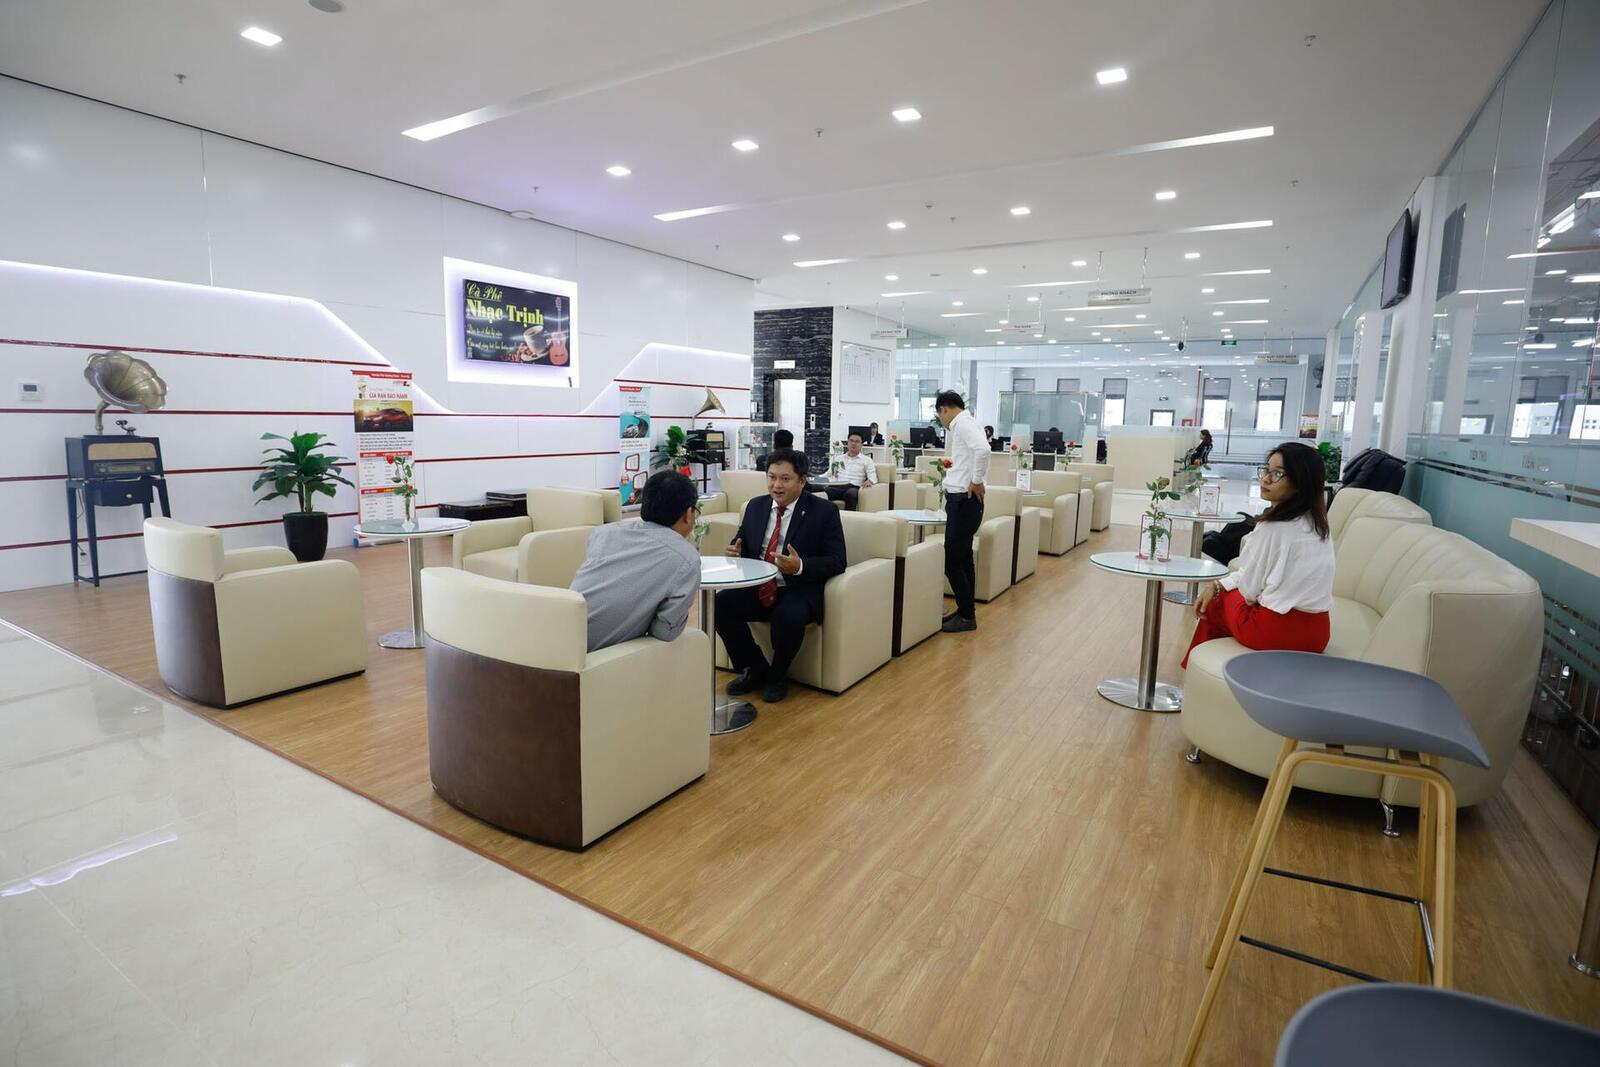 Honda Việt Nam khai trương đại lý tại Quảng Nam – Tam Kỳ, mở rộng thị trường khu vực miền Trung - Hình 7